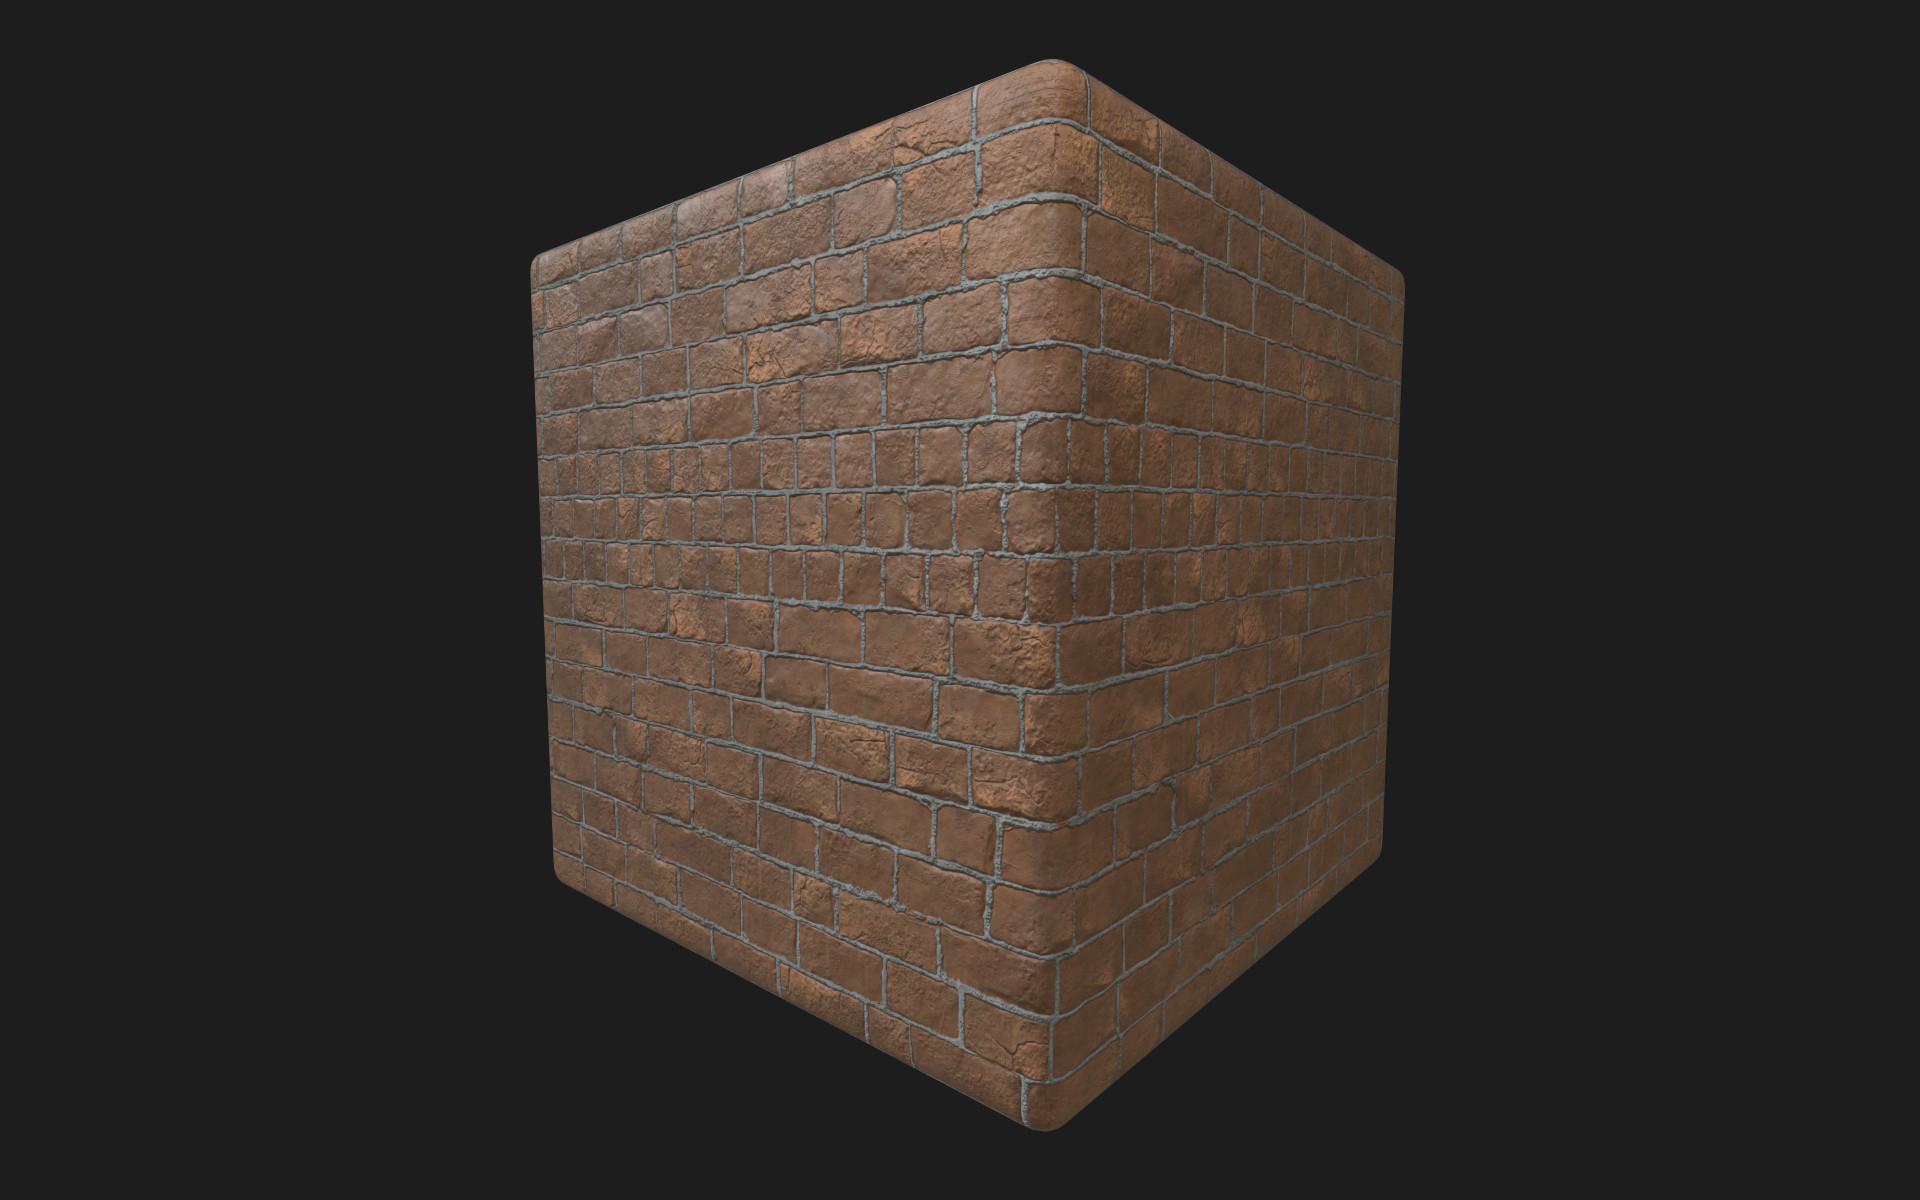 Fausto sciallis brick 2